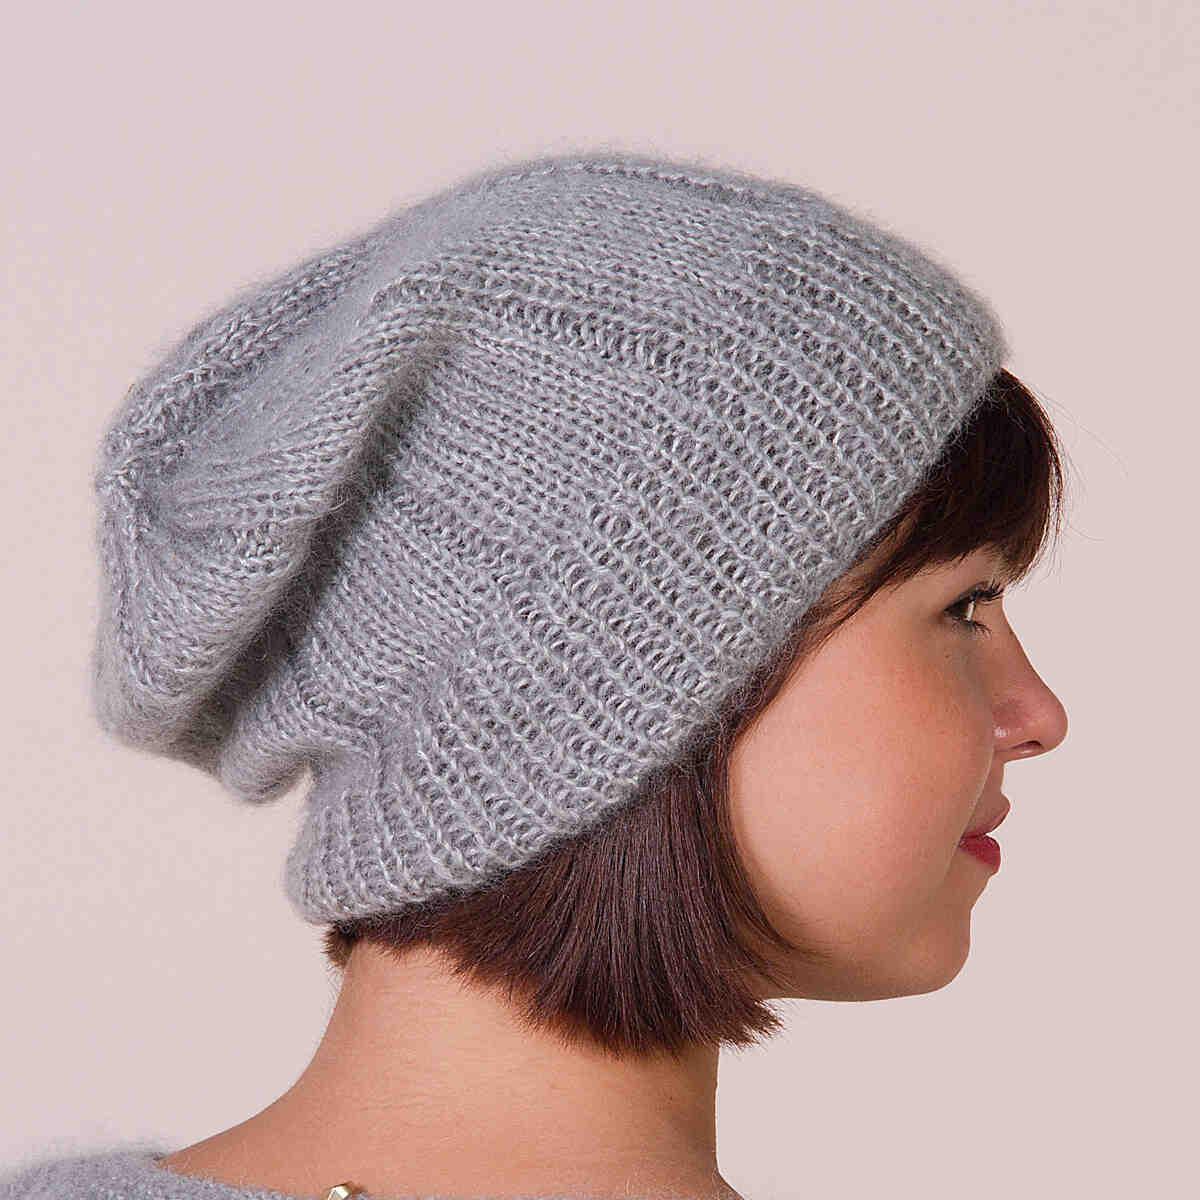 Comment tricoter un bonnet avec des aiguilles droites?